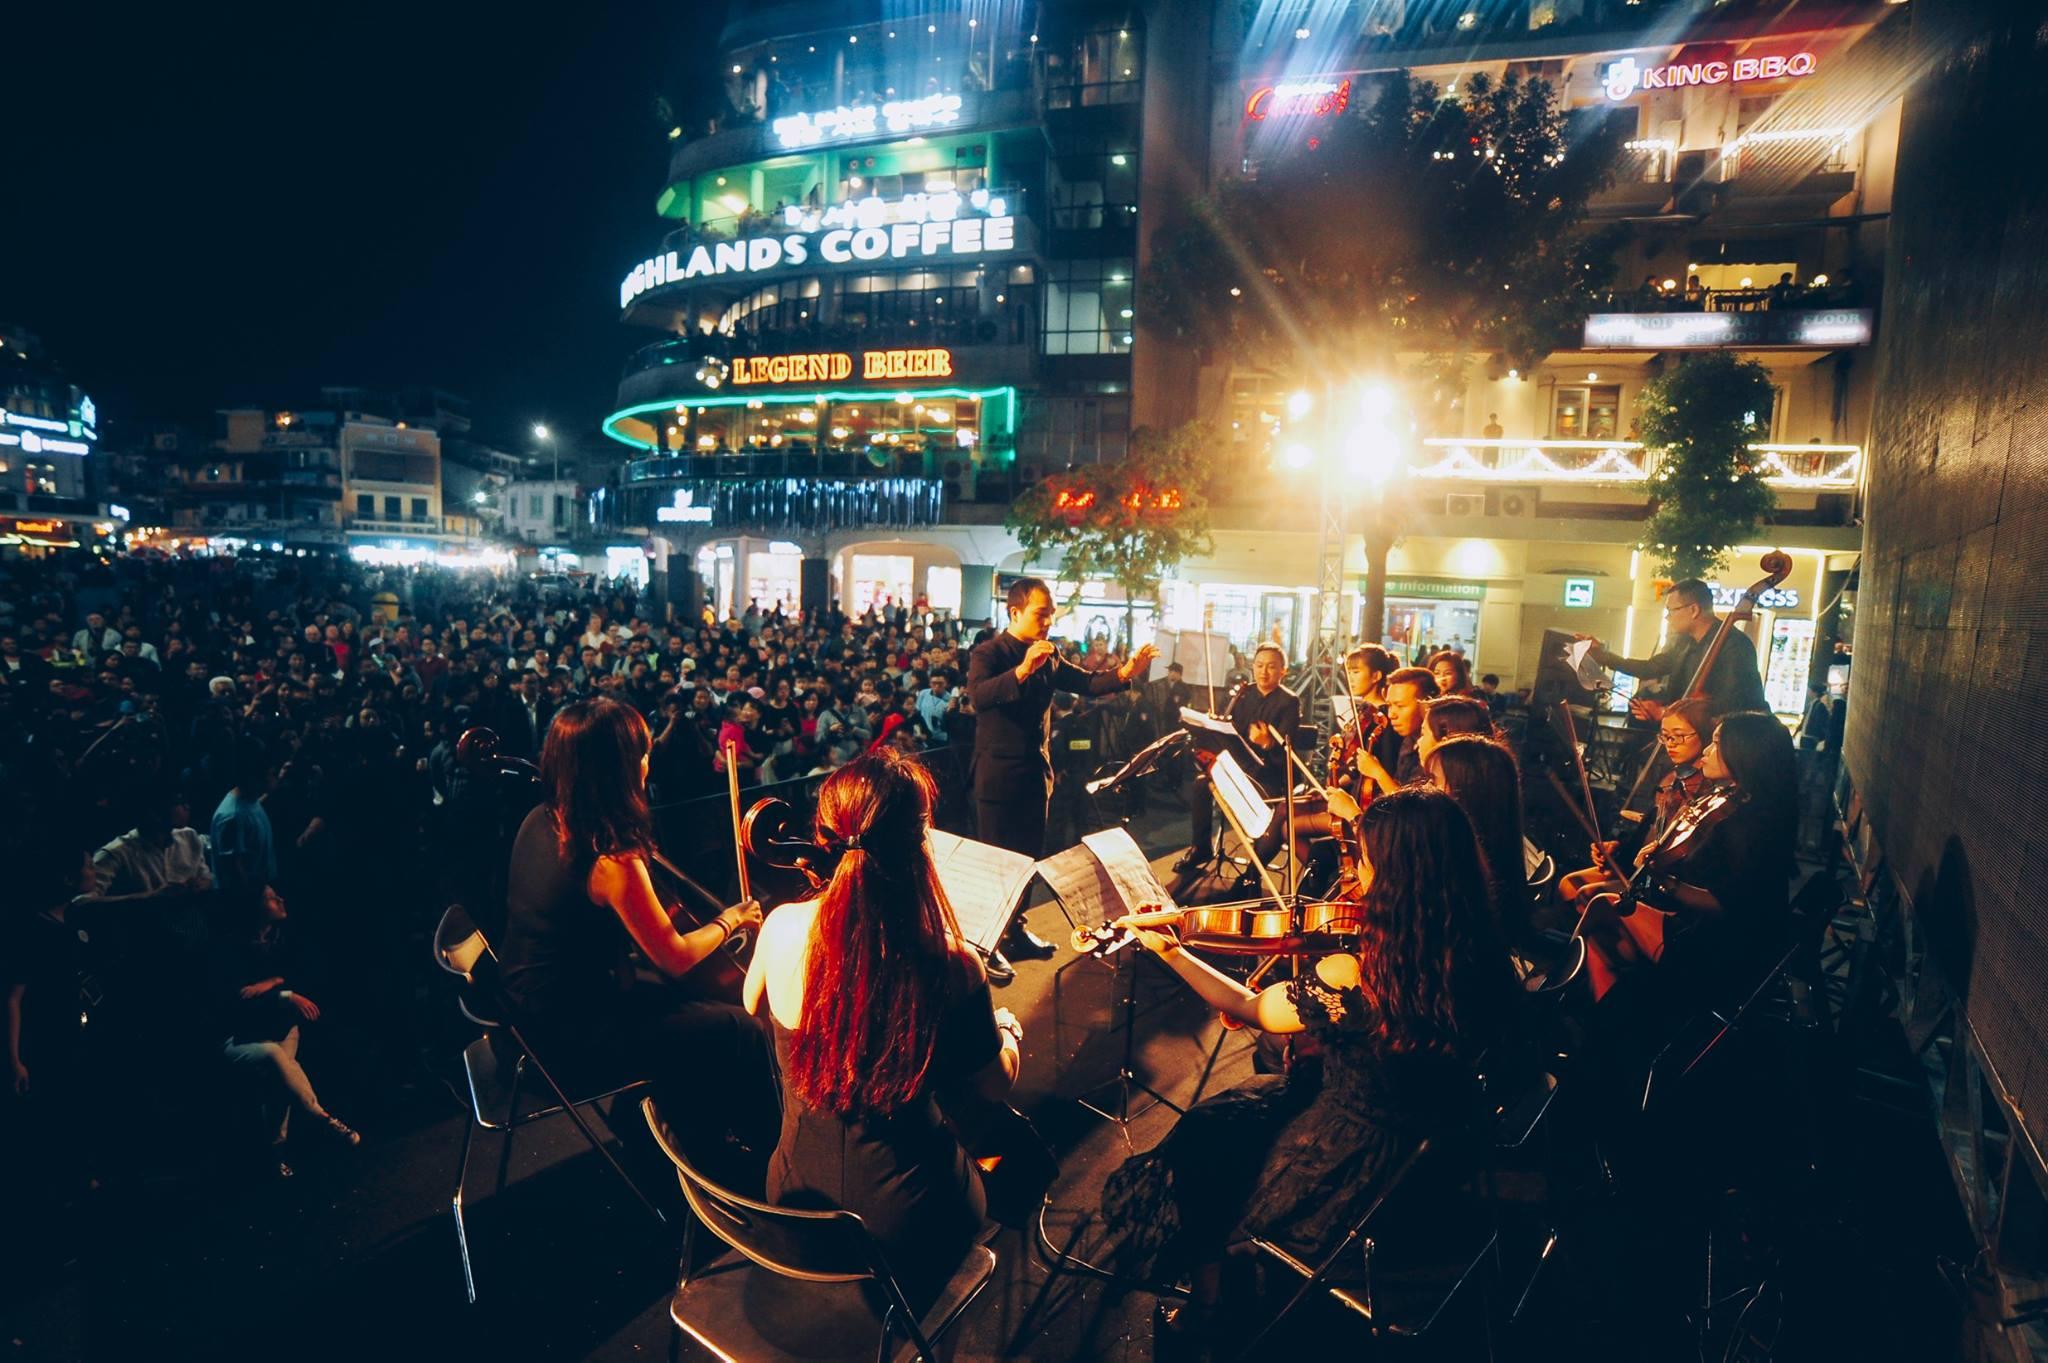 Dàn nhạc giao hưởng triệu view khẳng định đẳng cấp với concert cùng diva Hàn Quốc Sohyang - Ảnh 10.